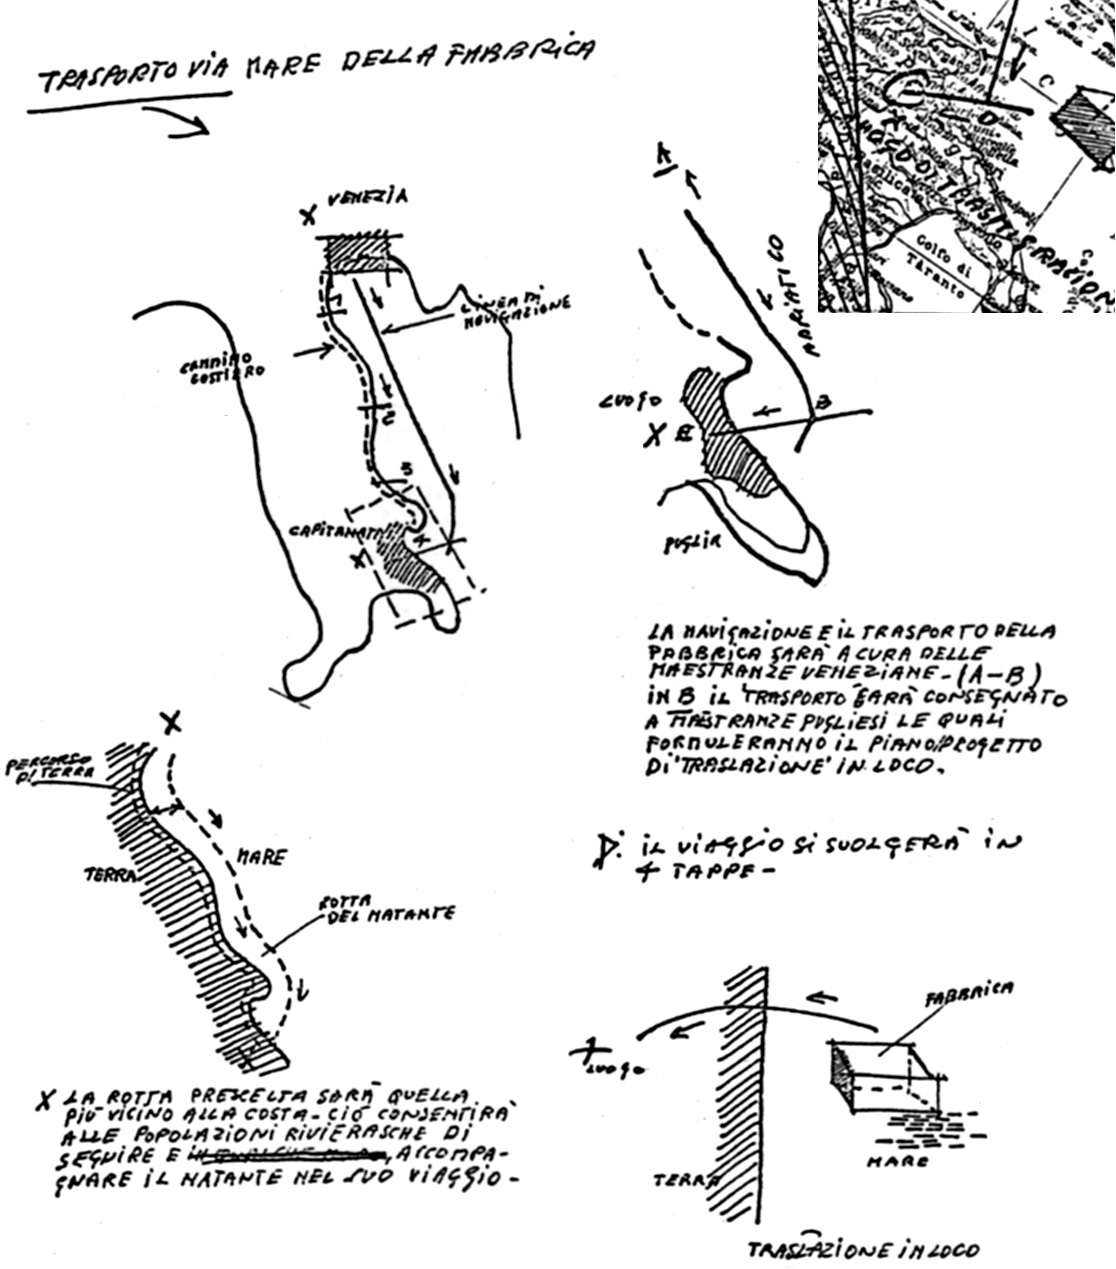 Fasi del Progetto di trasmigrazione del Molino - 4